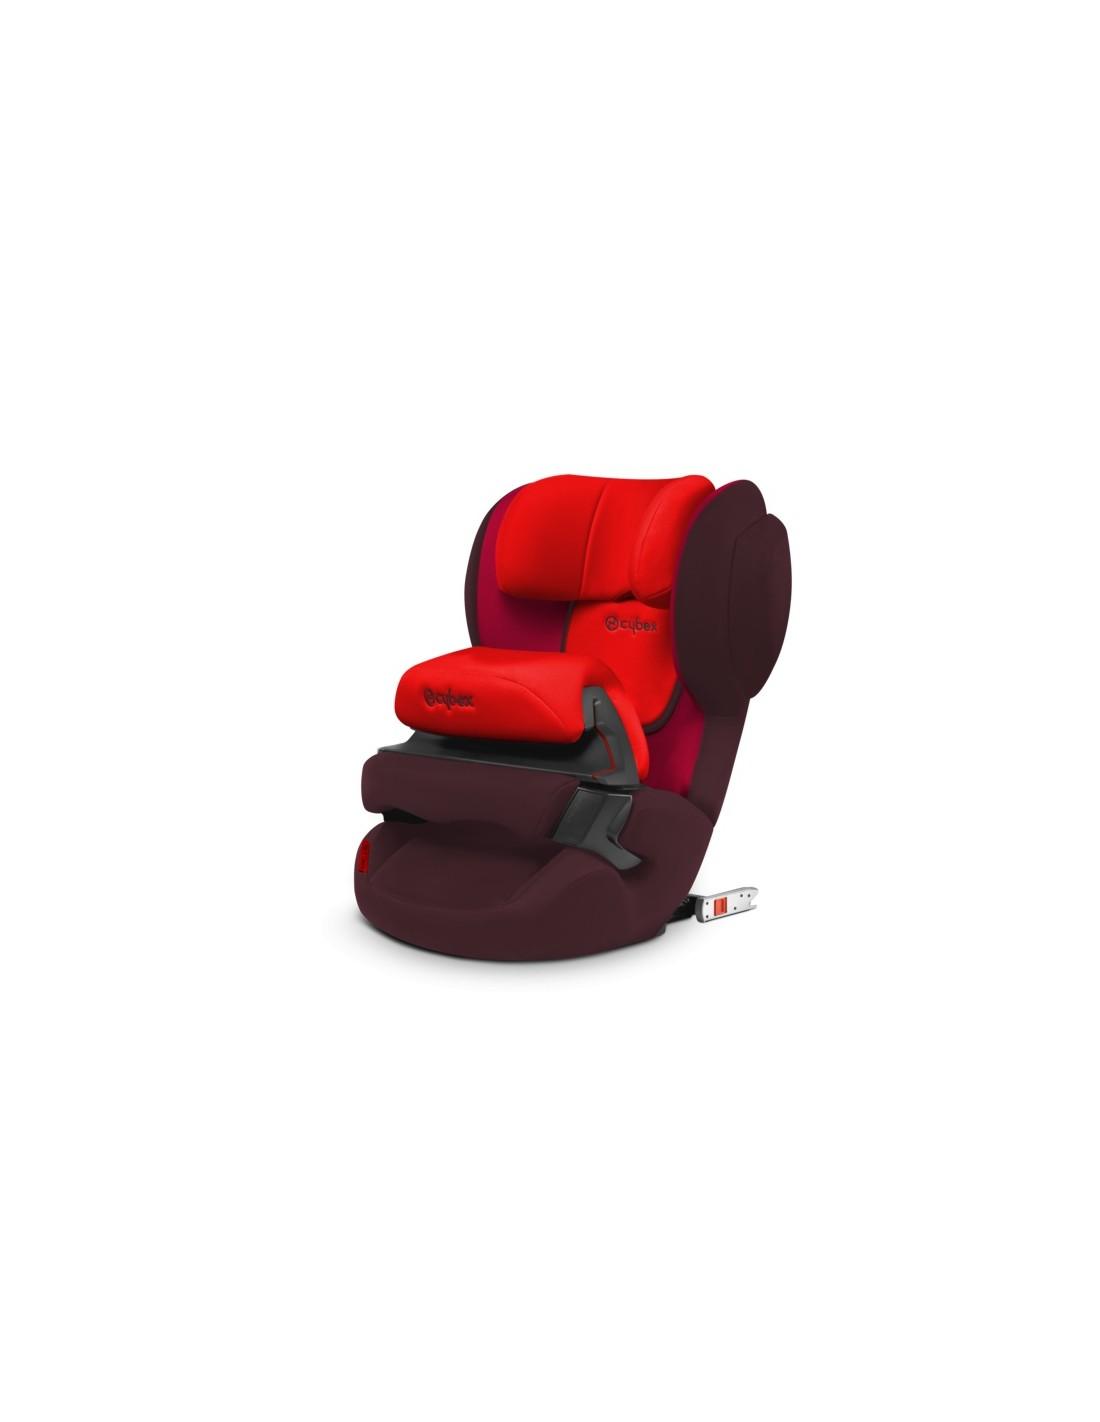 cybex juno 2 fix bezpieczny fotelik samochodowy. Black Bedroom Furniture Sets. Home Design Ideas